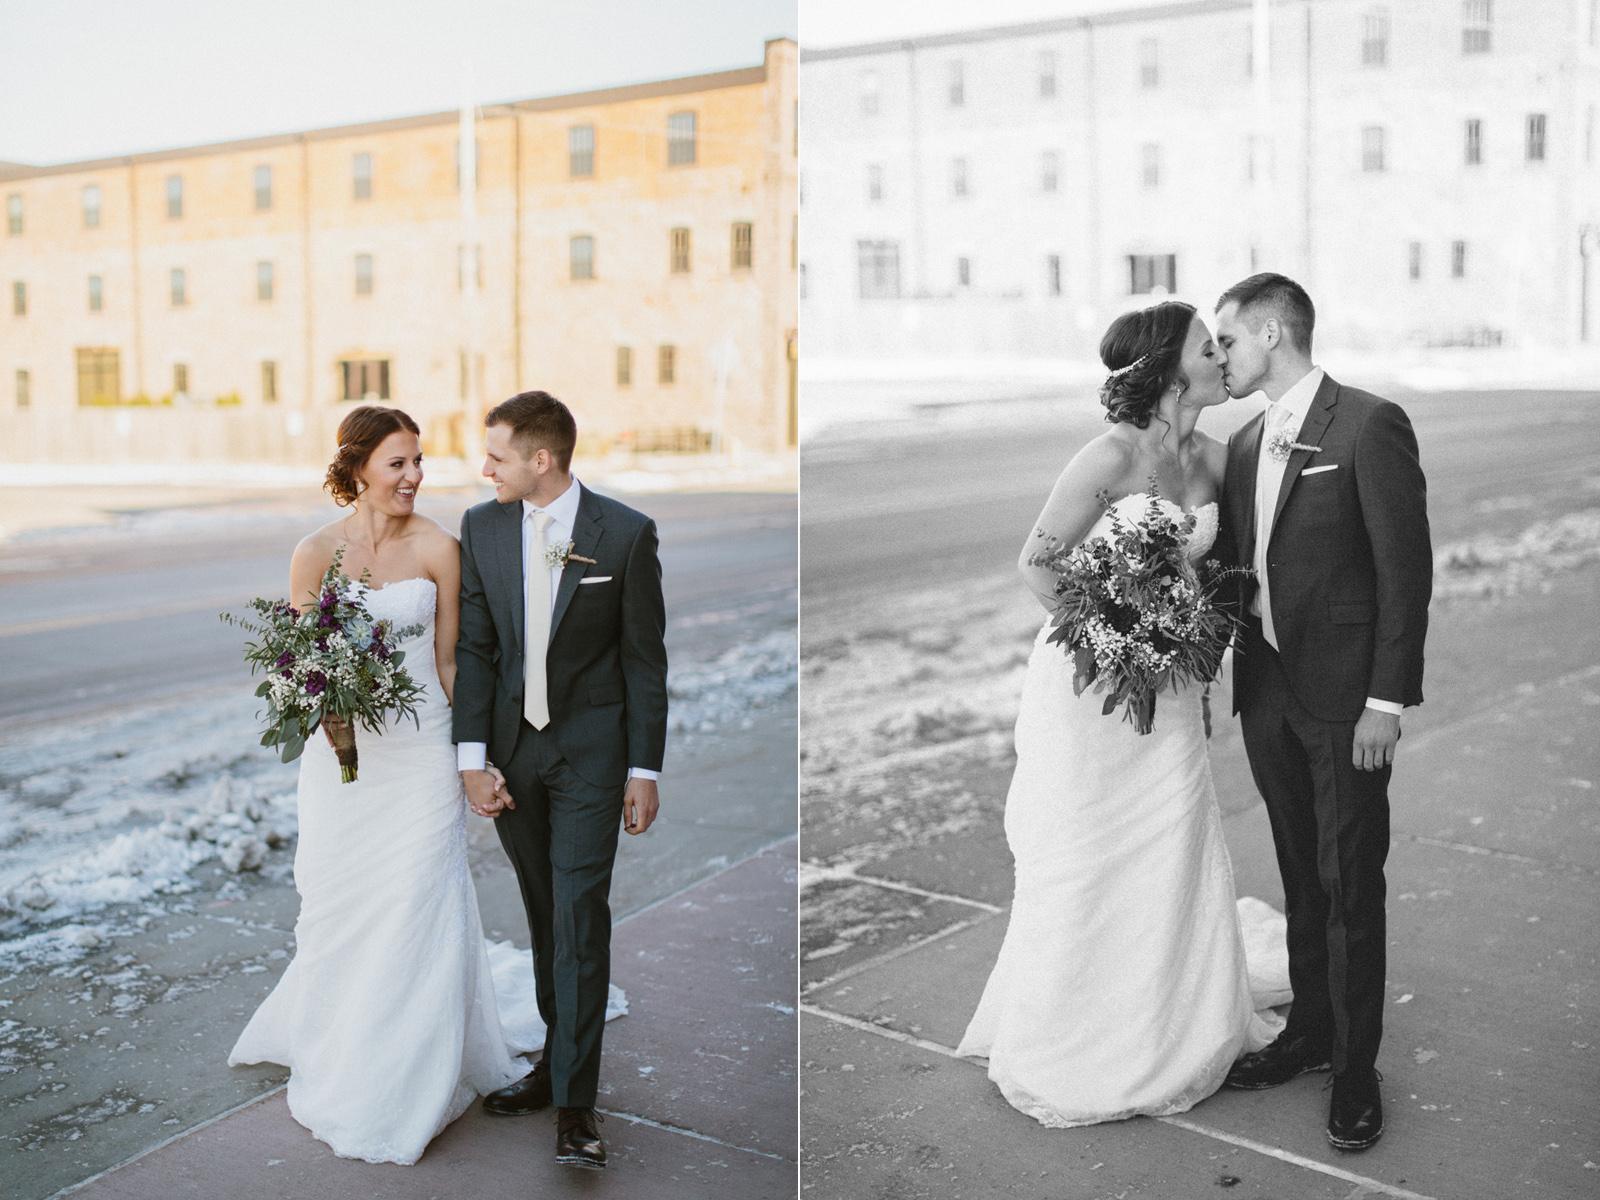 israel&aubrey_siouxfalls_wedding_photographer_62.jpg